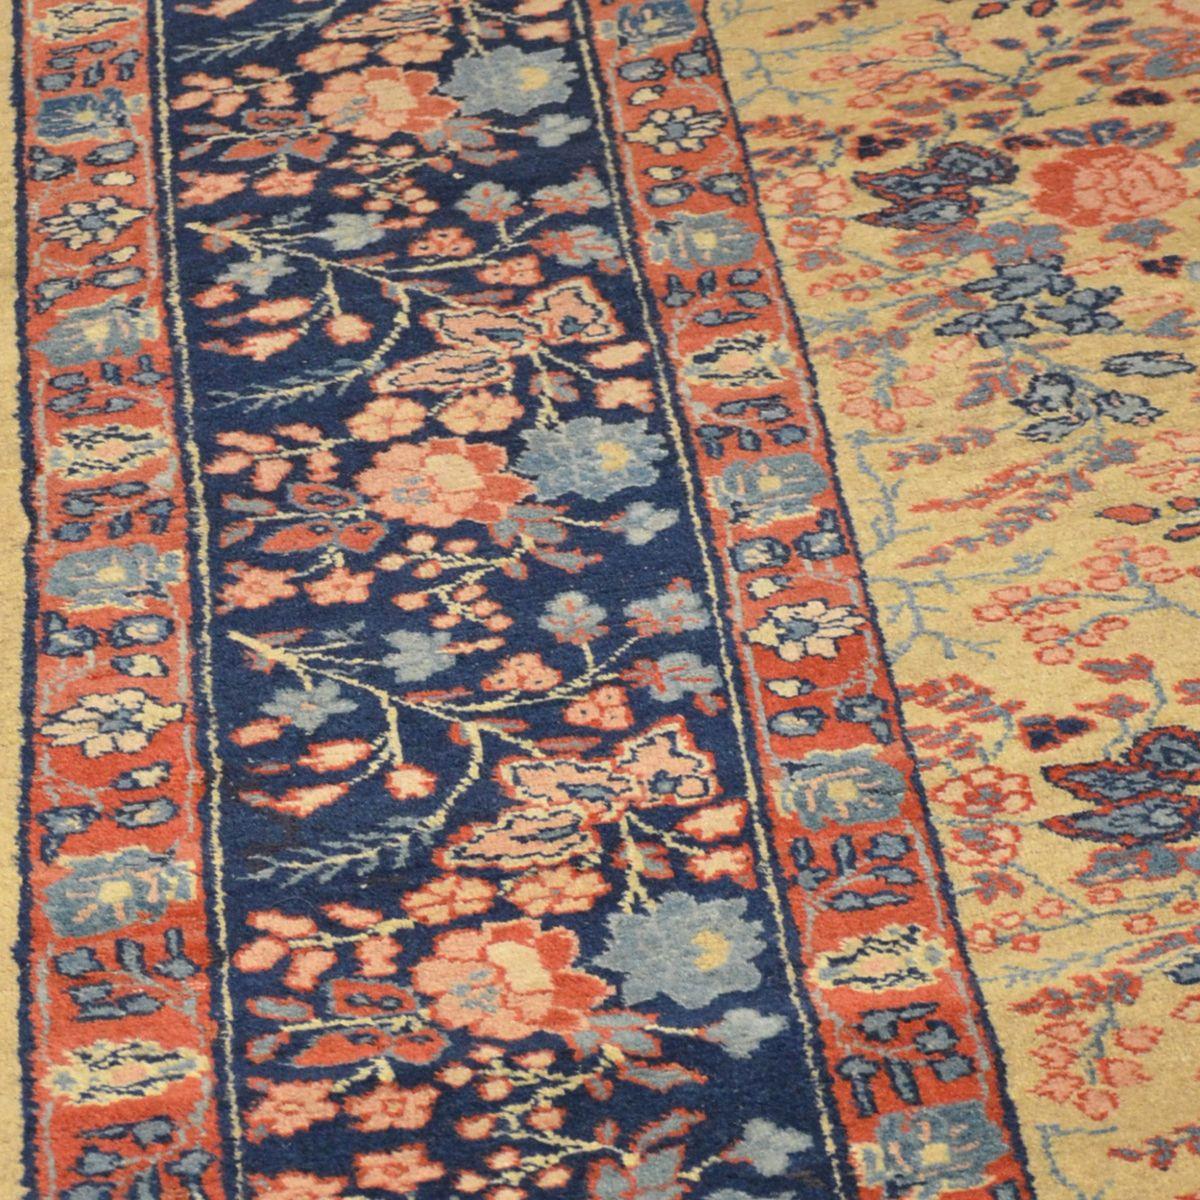 Tappeto antico persiano in vendita su Pamono